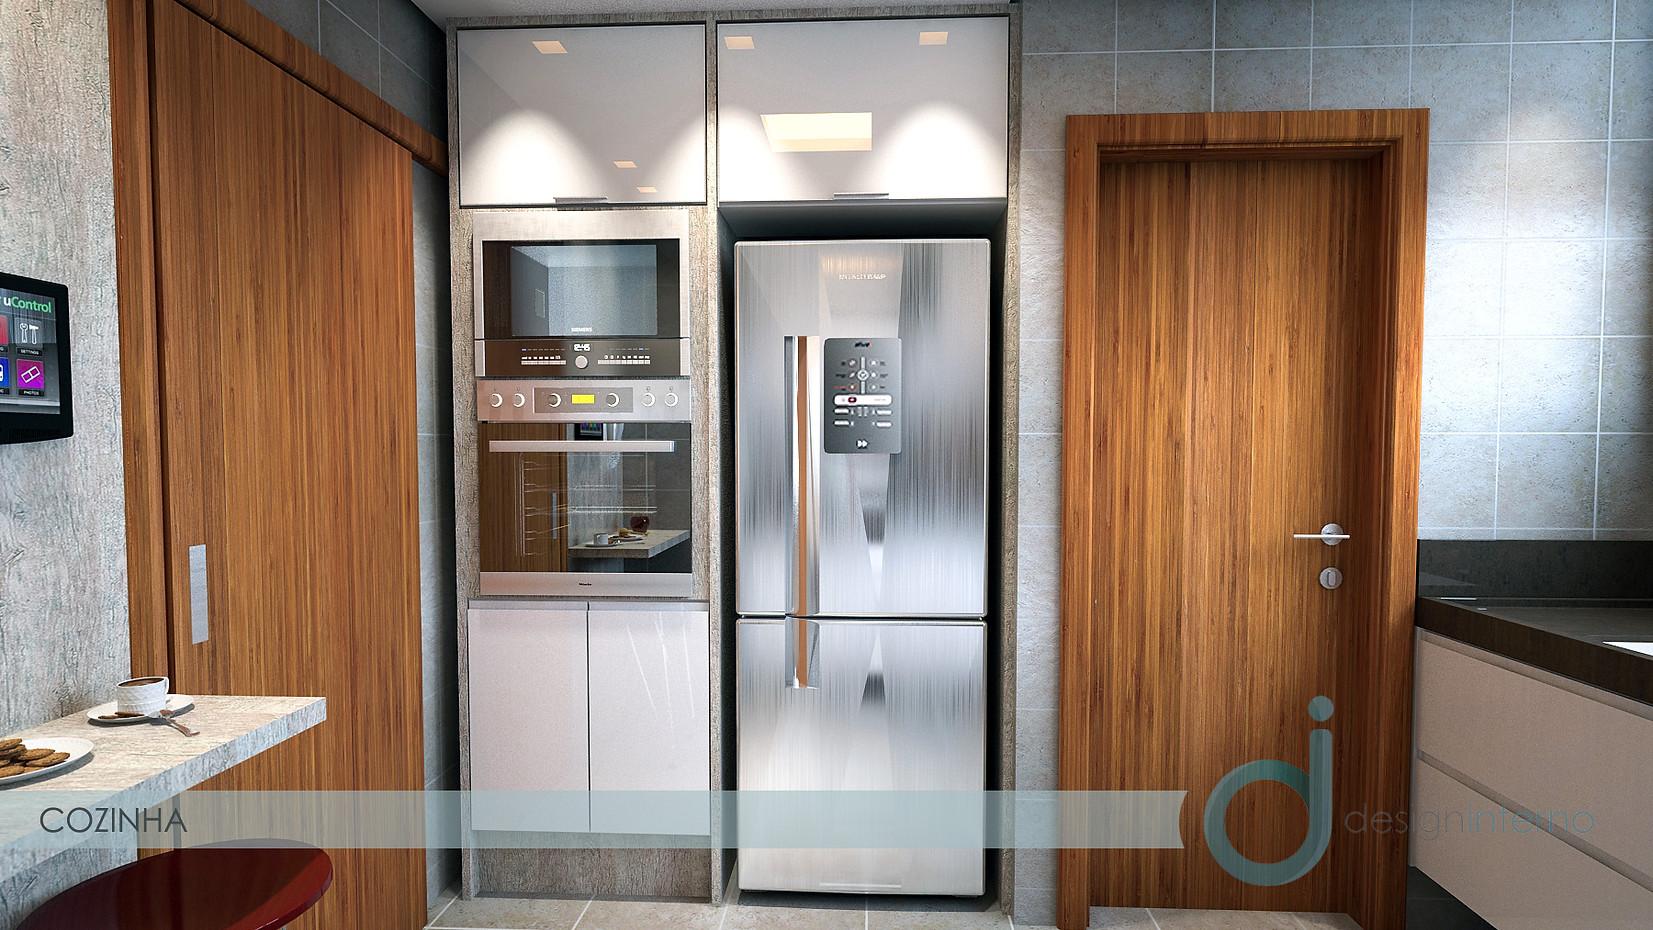 Cozinha_sob_medida_Designinterno_05.jpg